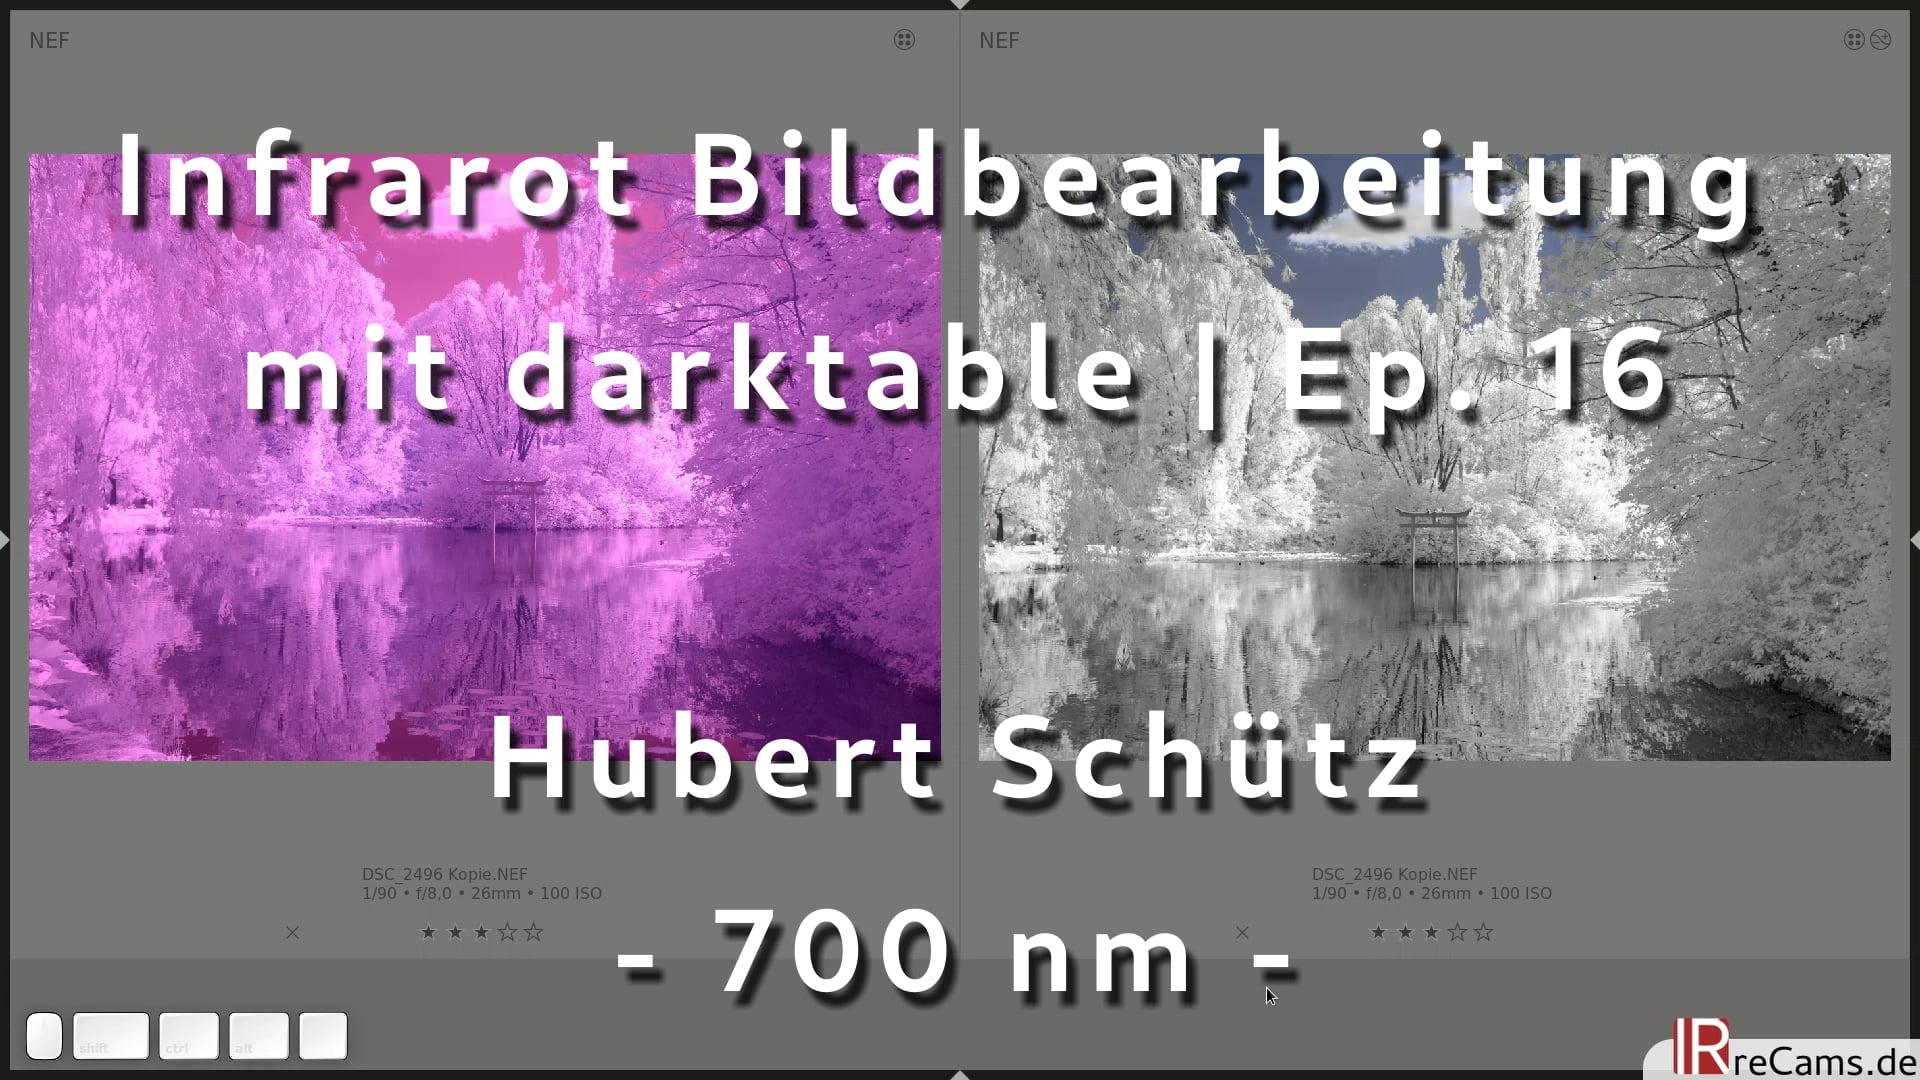 Infrarot Bildbearbeitung mit darktable 3.2 | Ep. 16